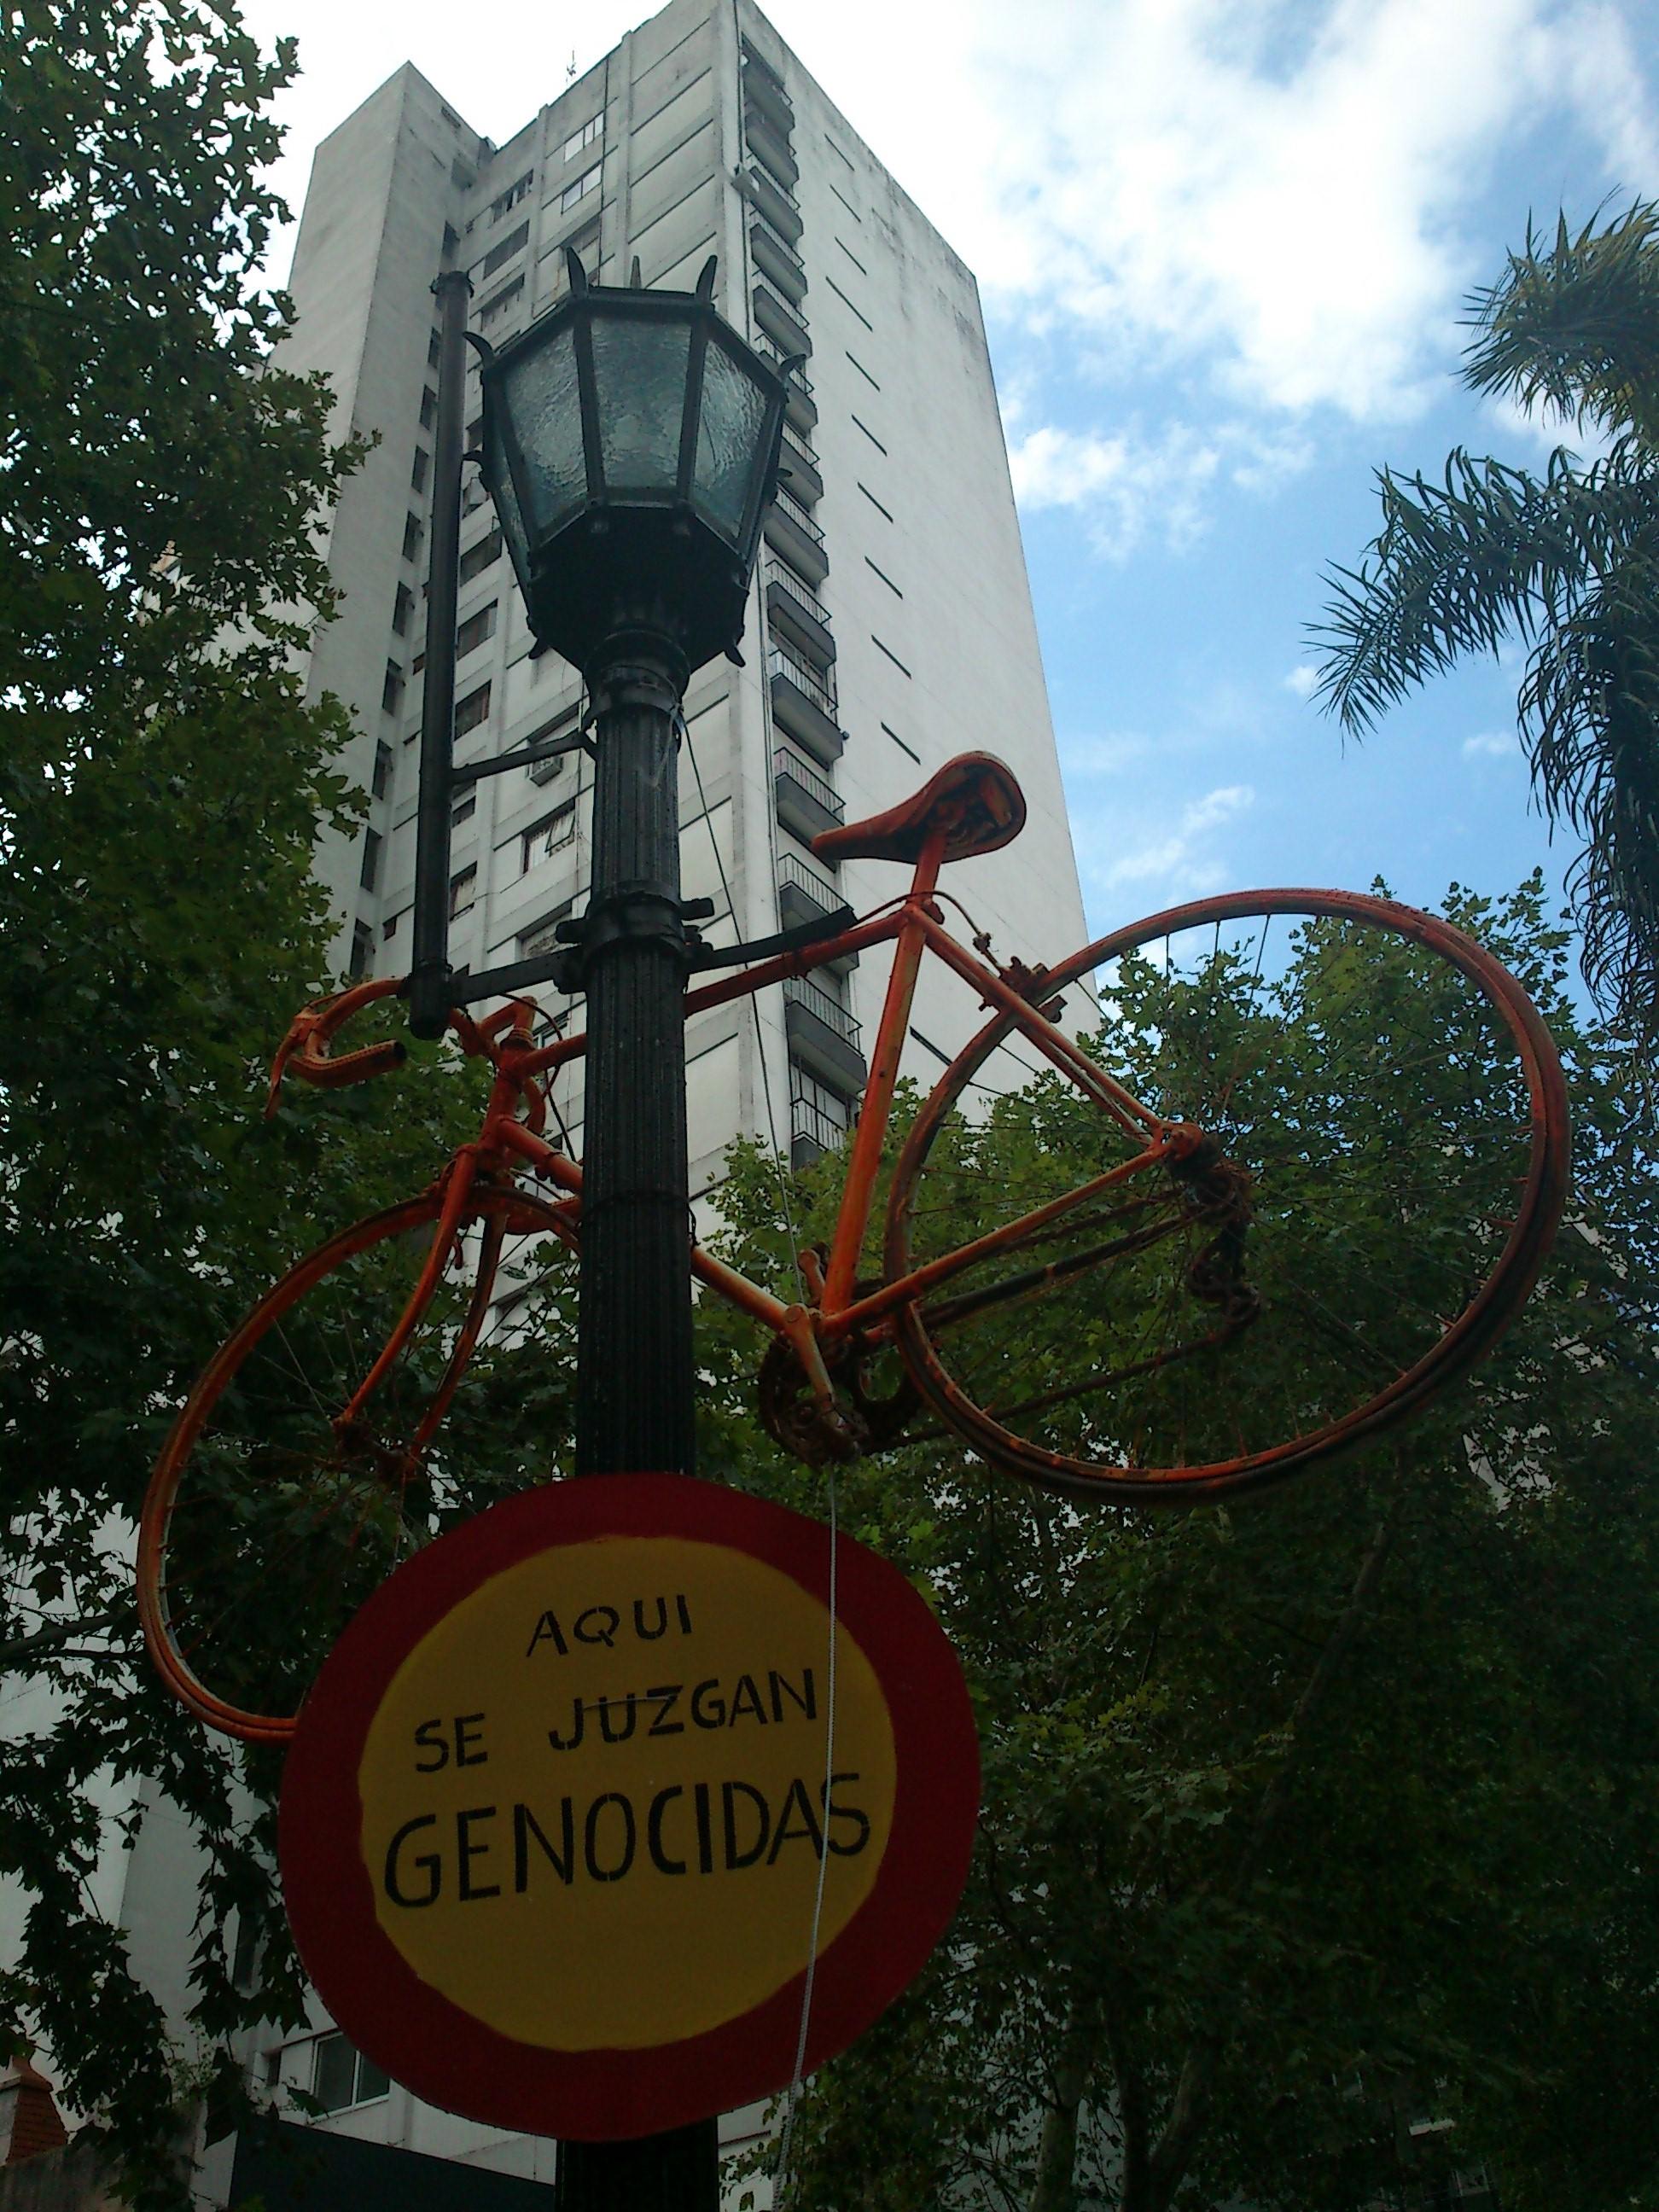 Bicirecuerdo: Aida en Rosario (Argentina)